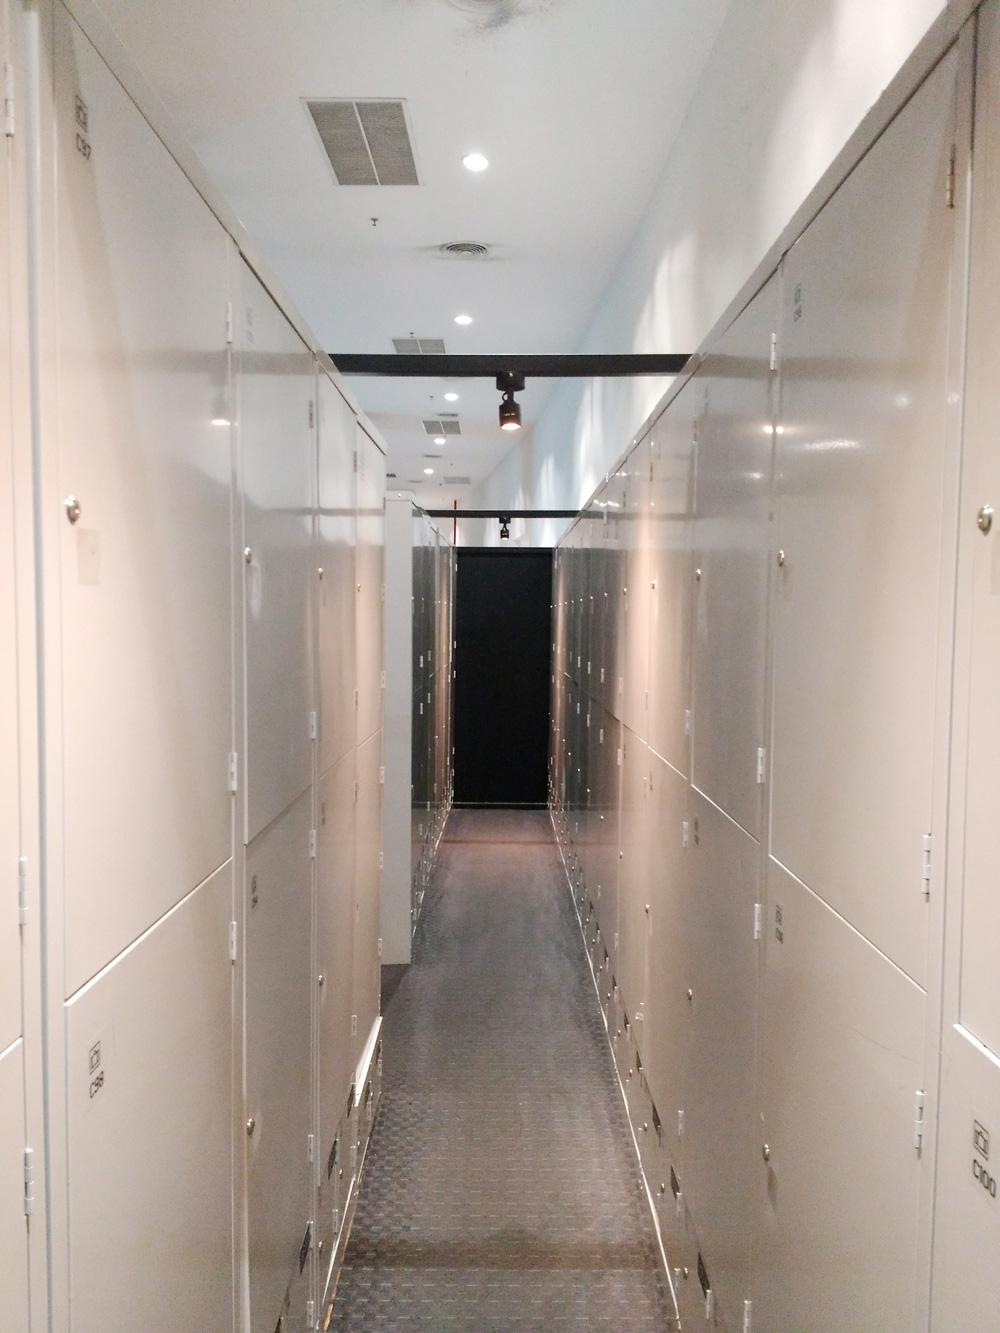 ロッカールームの内部